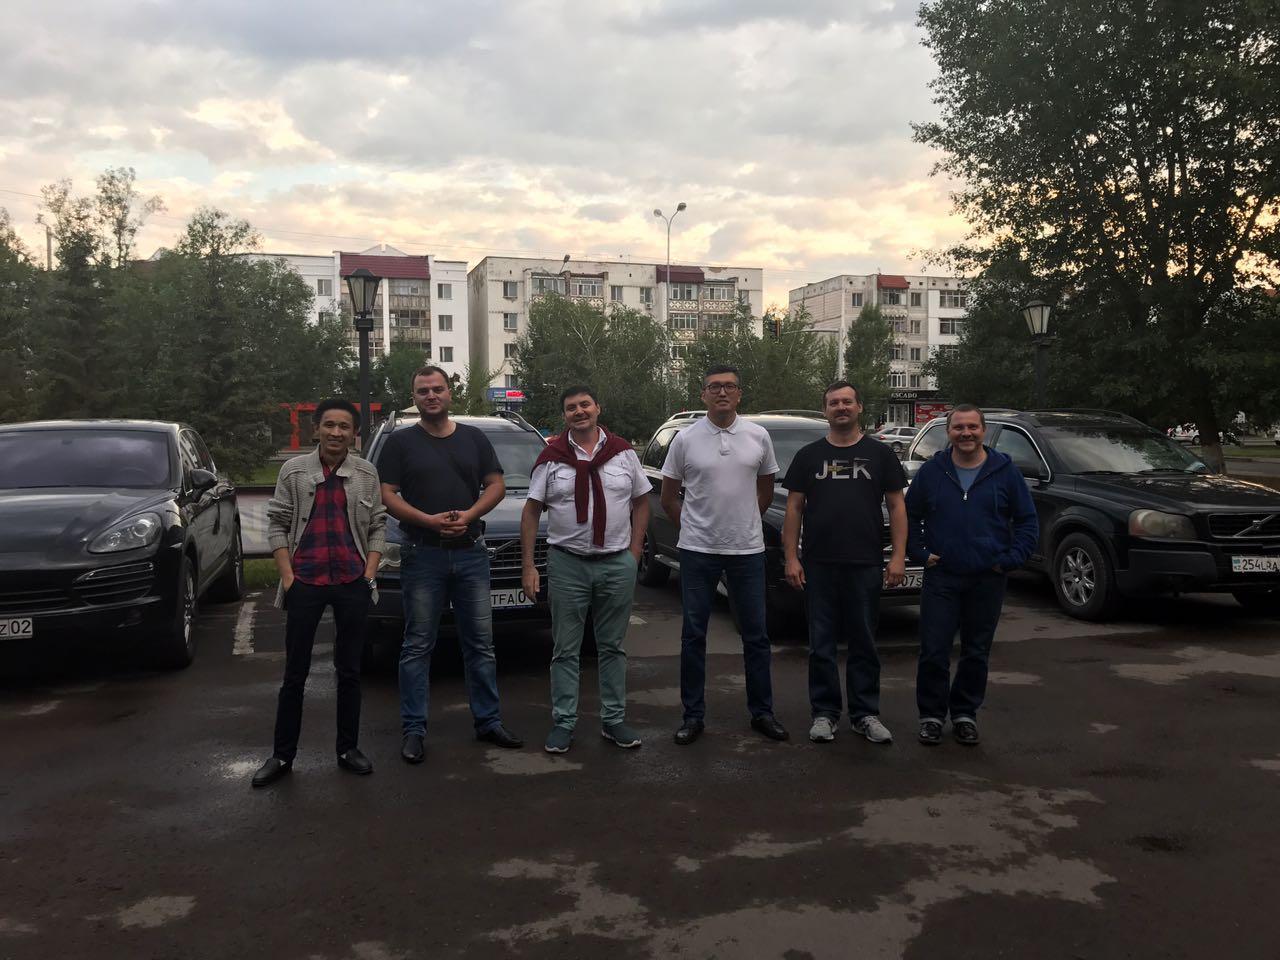 """Внеплановая встреча в ресторане """"Абдула"""" 2 июля"""